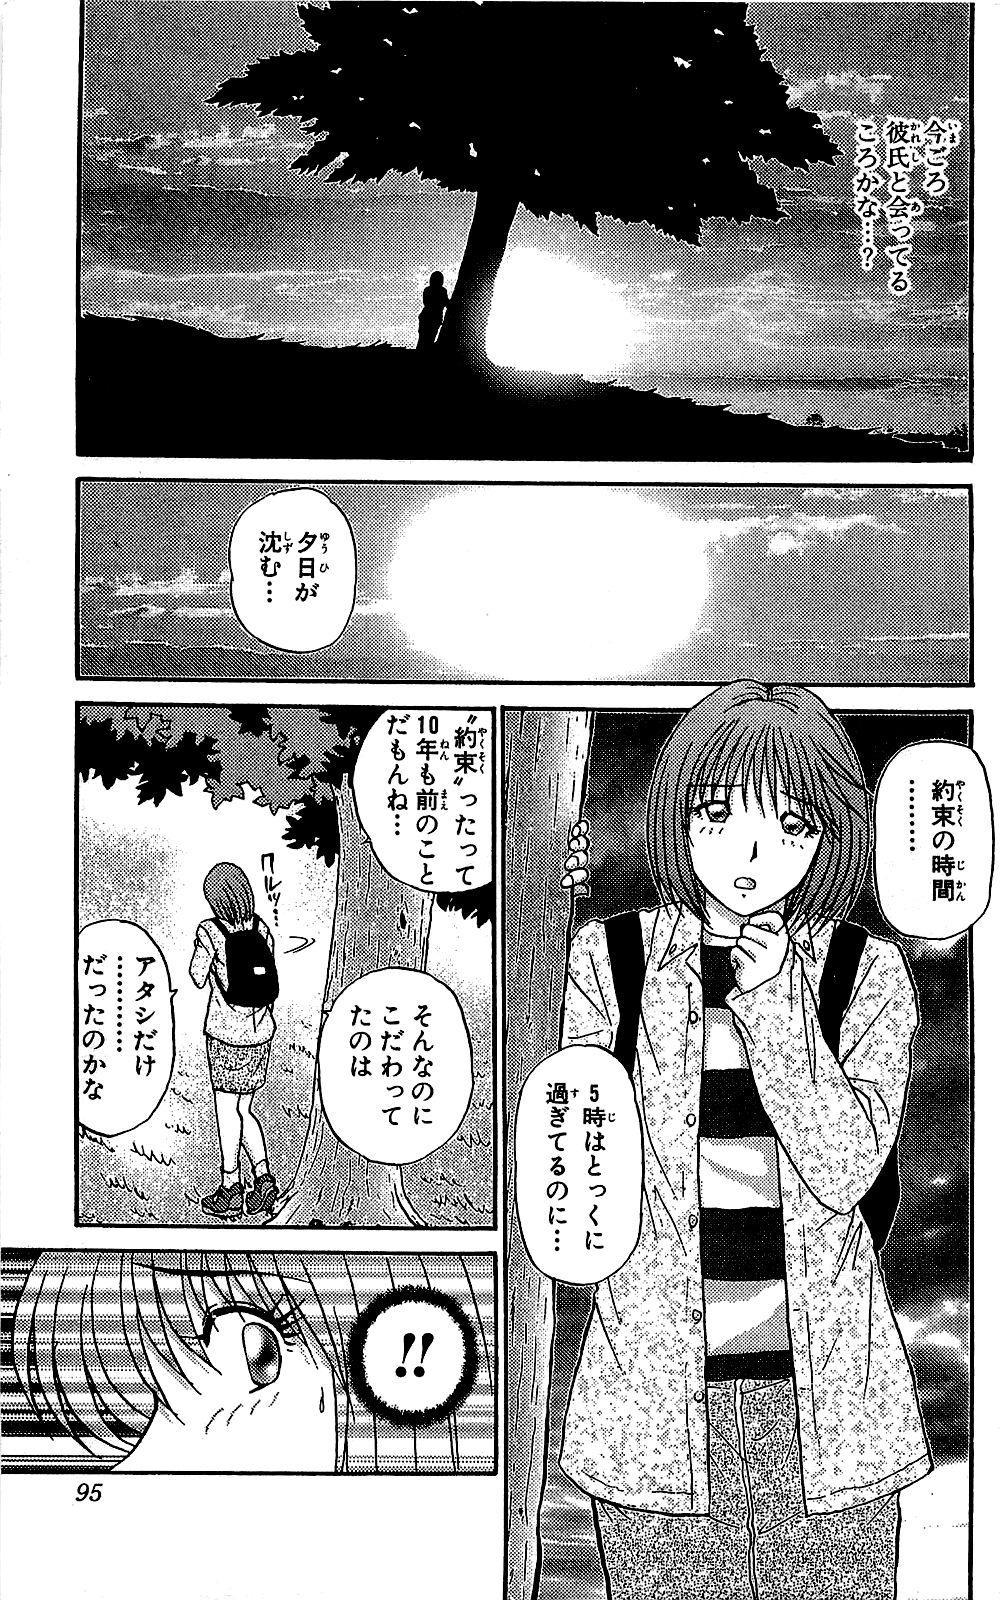 Miracle Make Yuuji 95